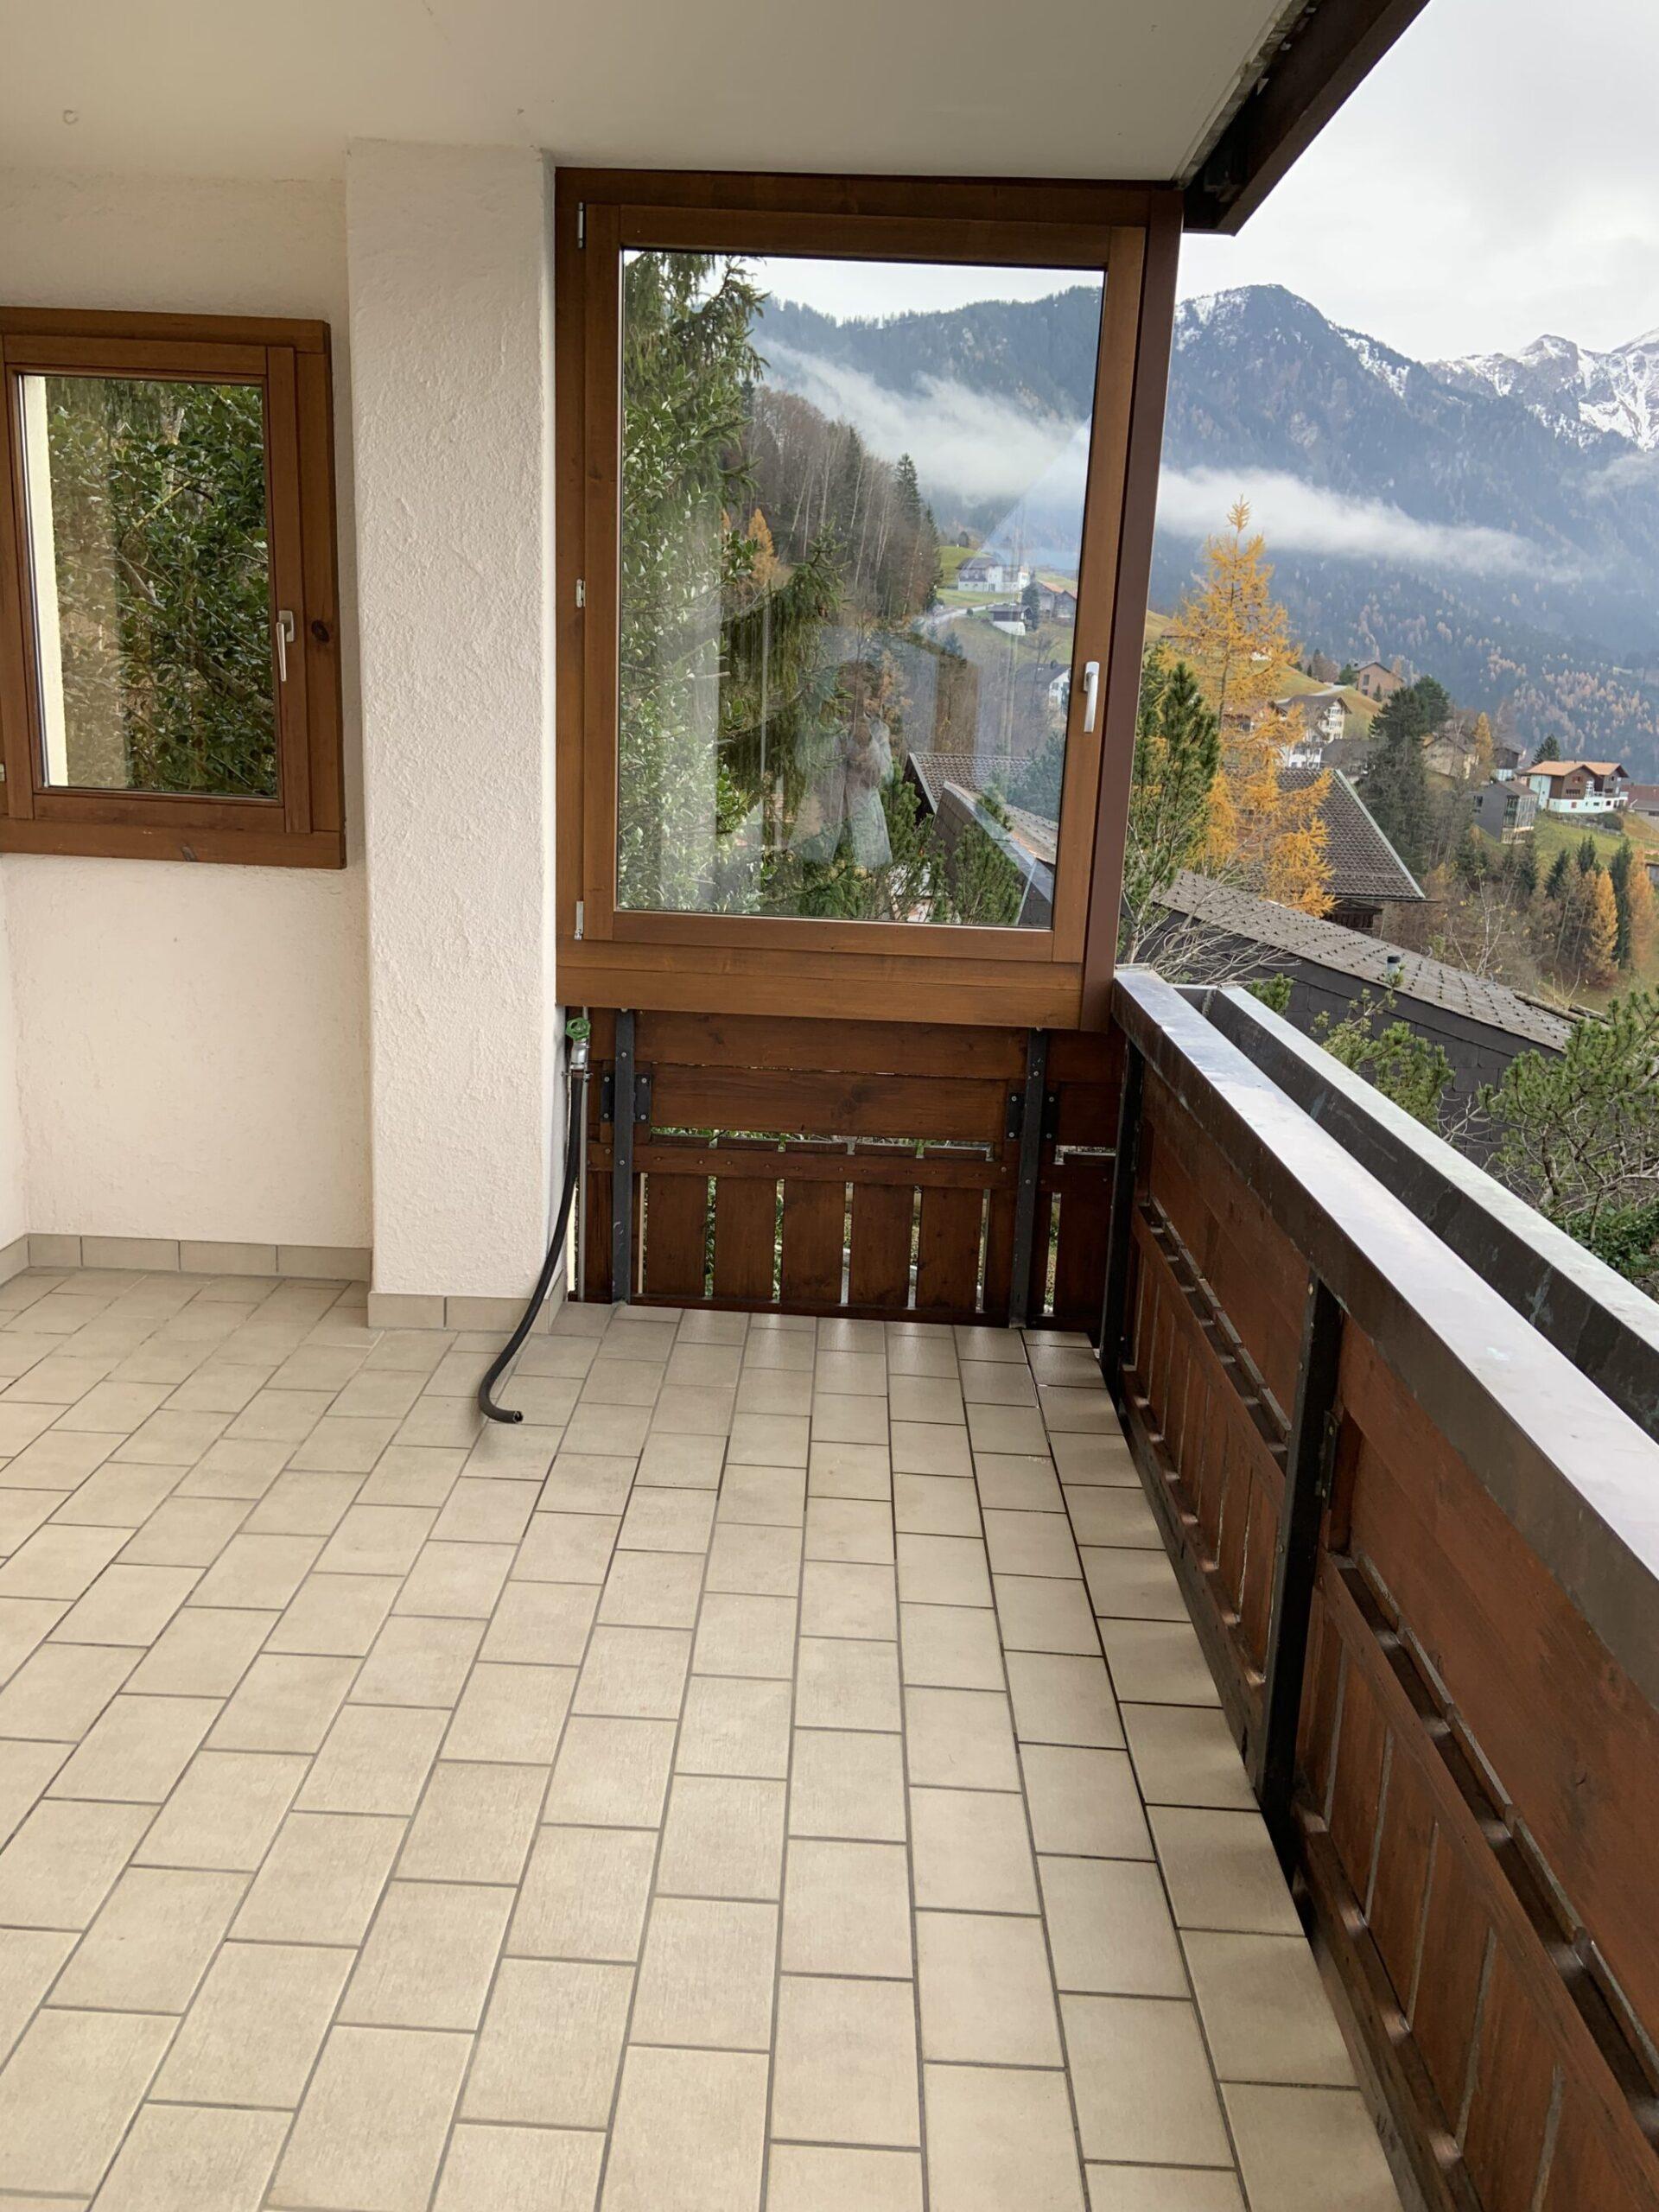 gedeckter Sitzplatz Balkon mit Wasseranschluss